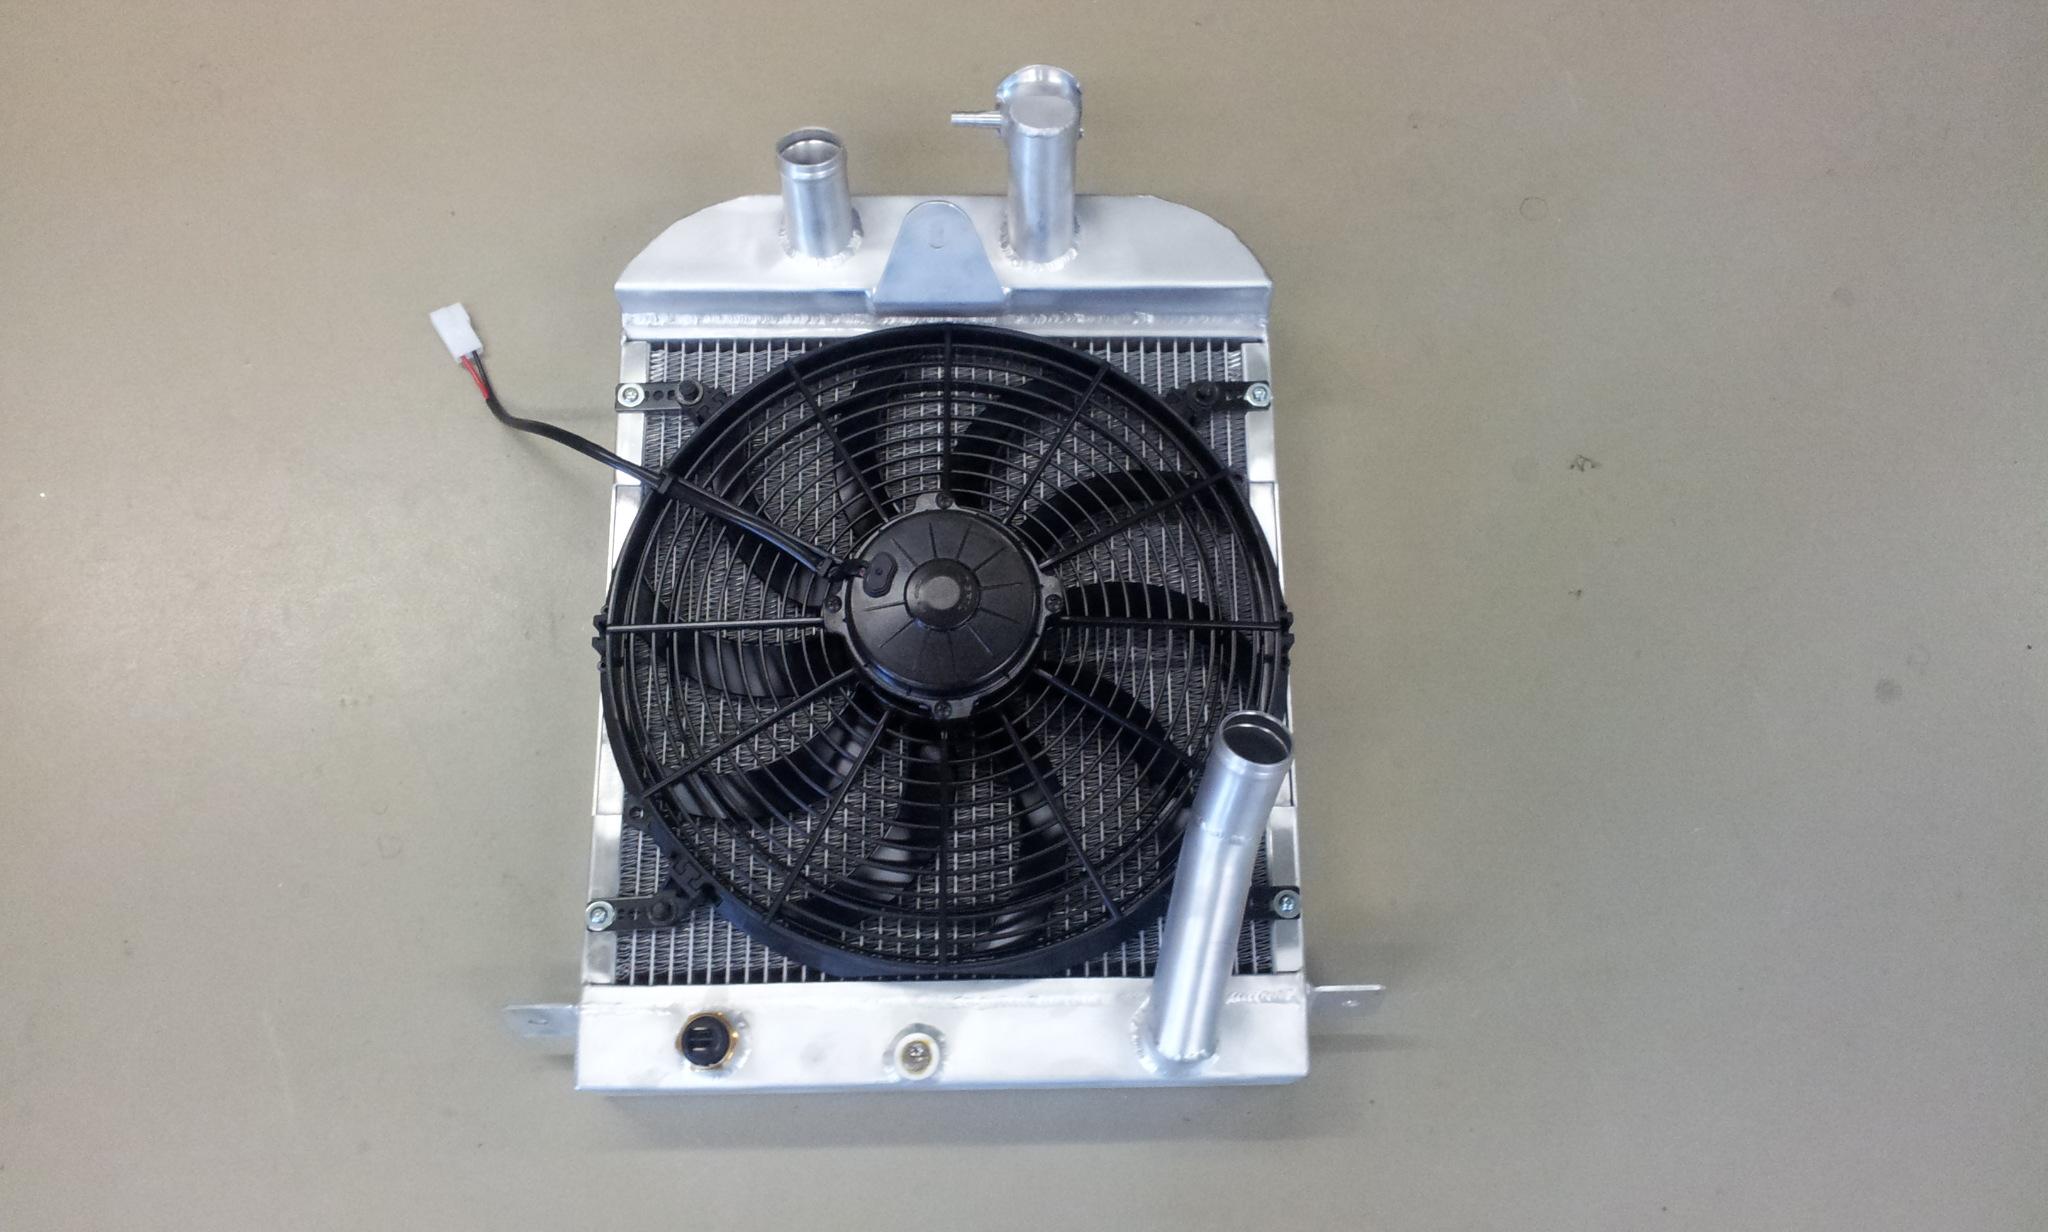 Radiateur speciaal Morgan Sportscar incl ventilator.-0